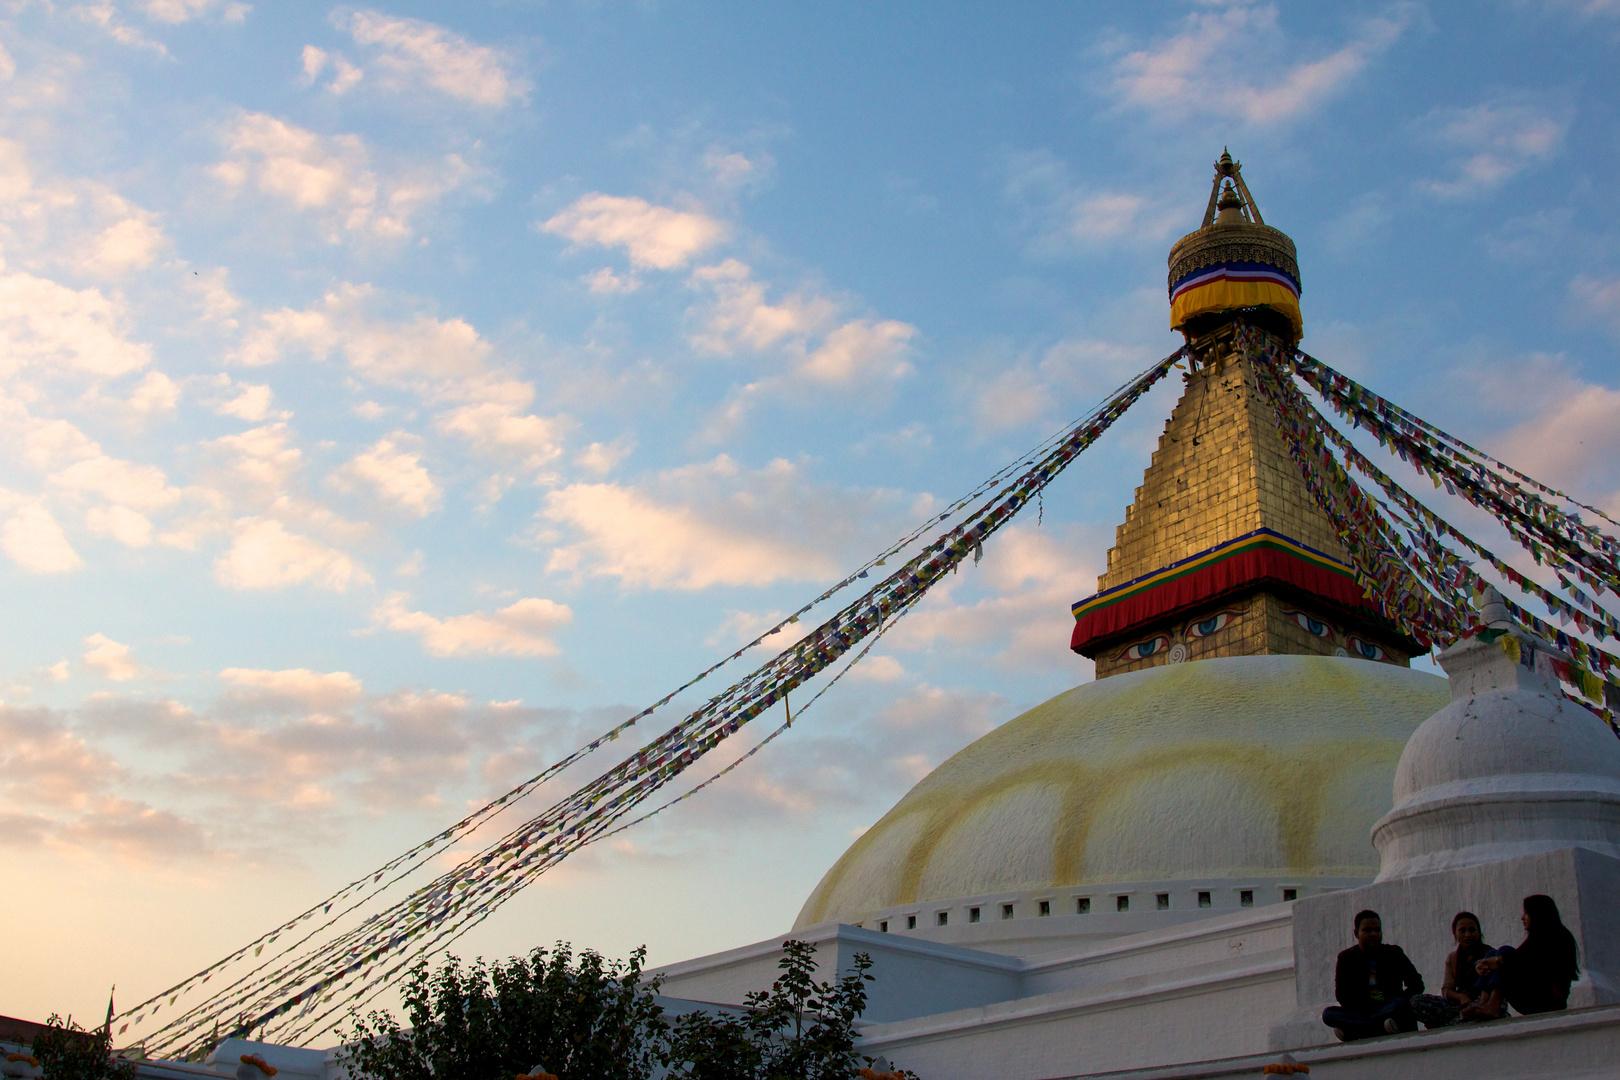 Boudanath Stupa